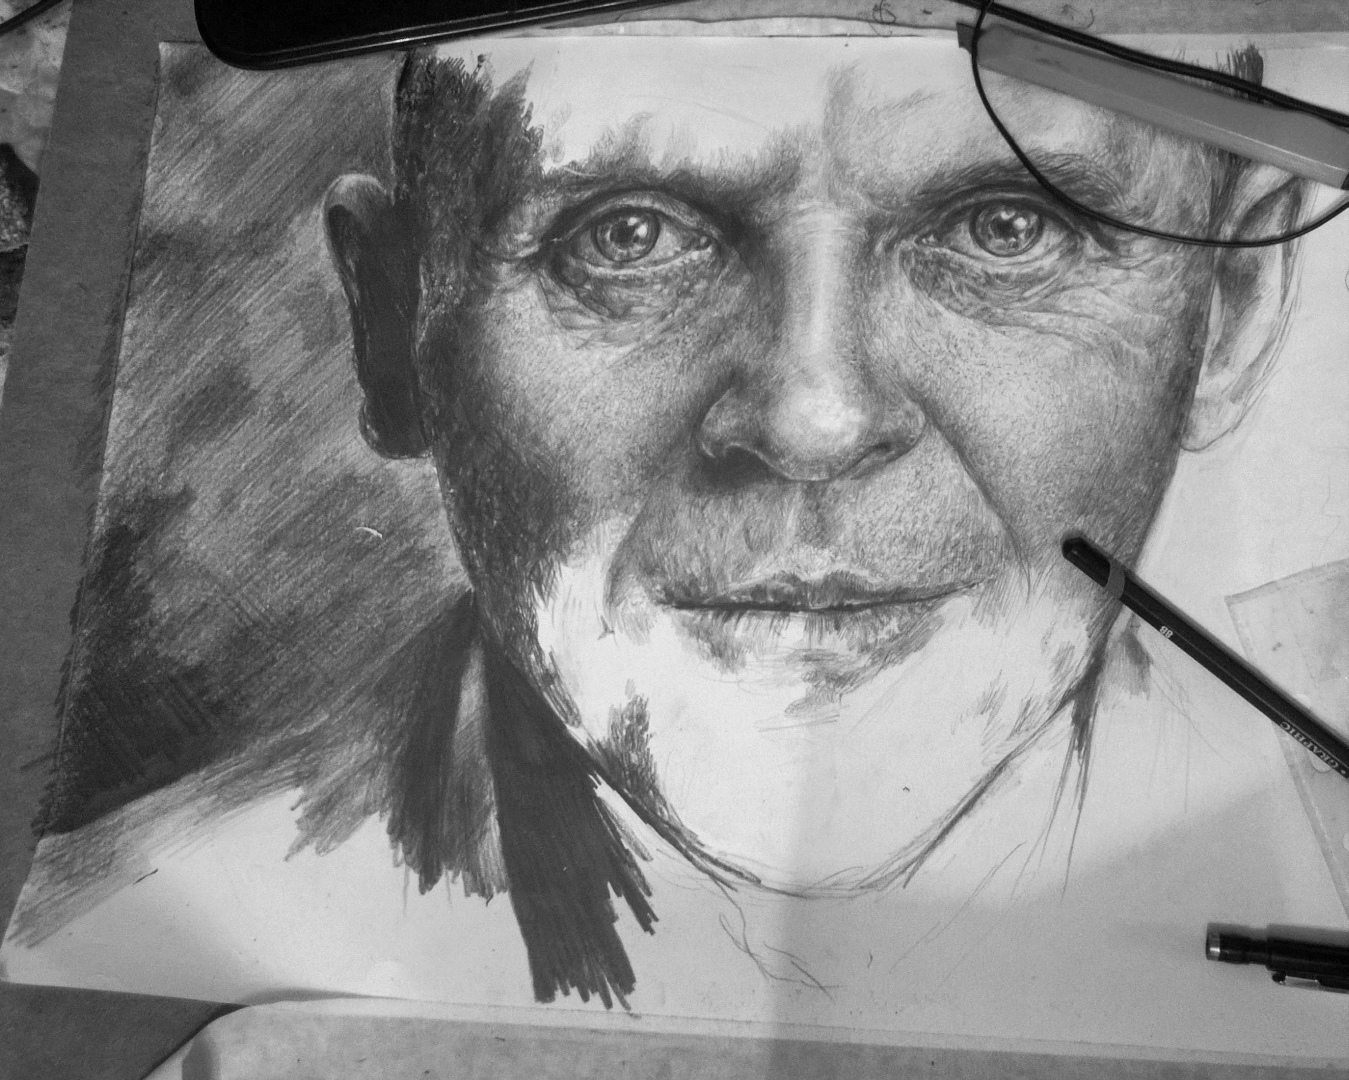 Дрочит карандашом